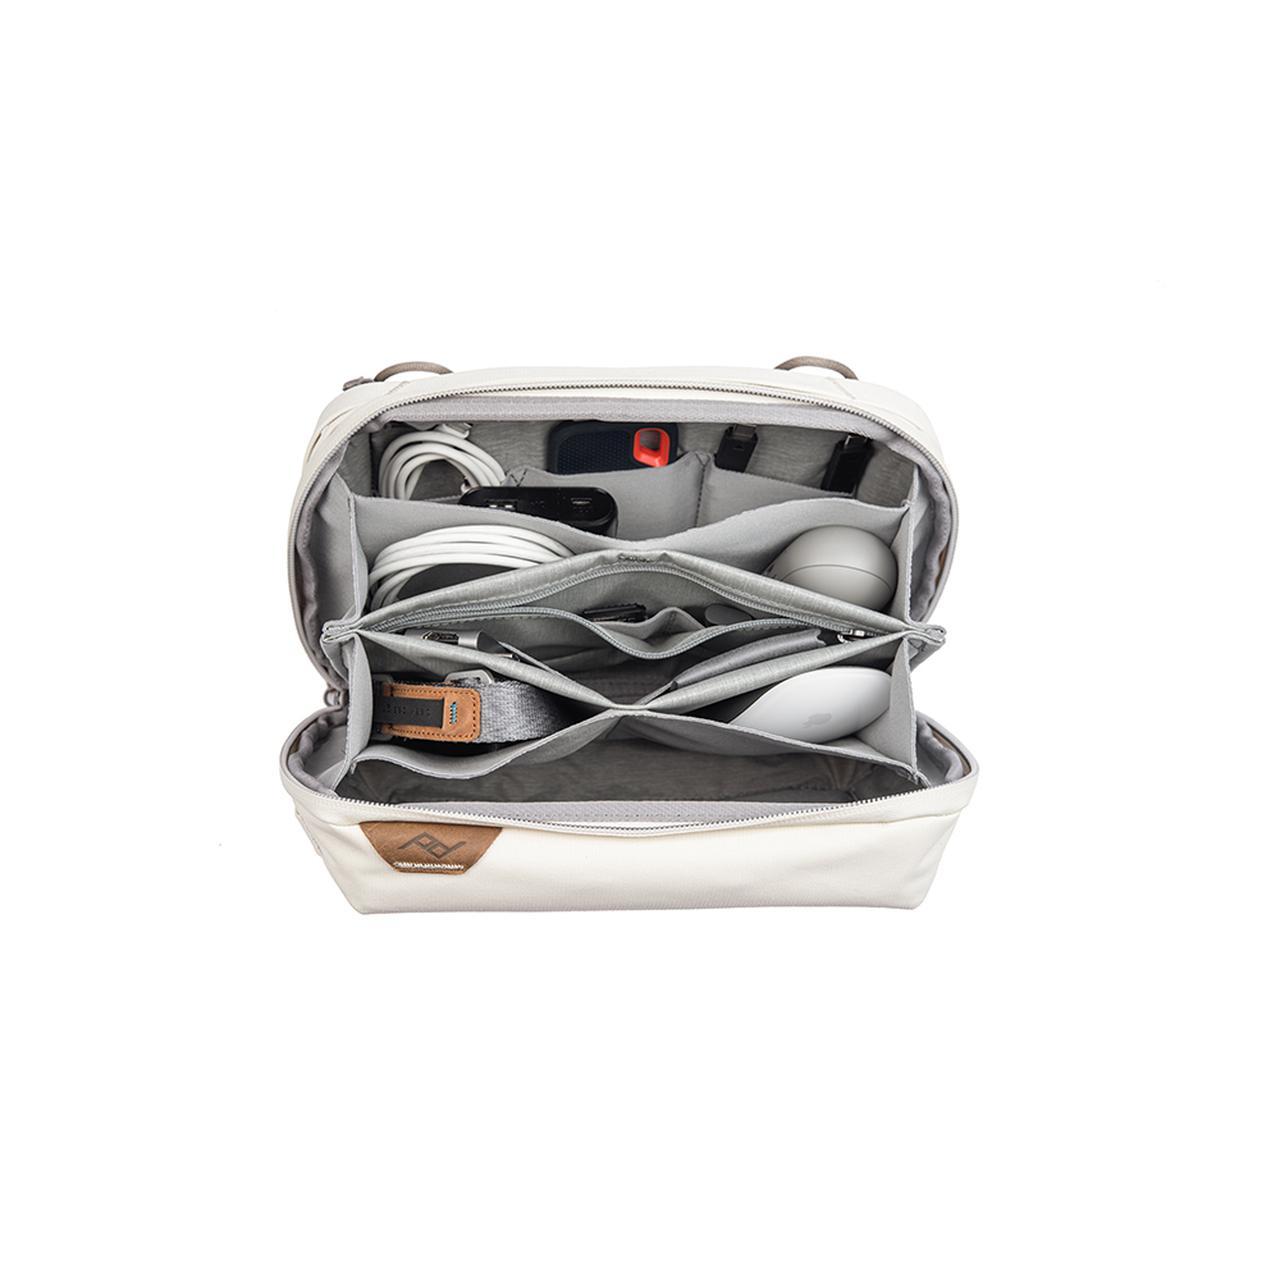 画像3: 銀一はPeakDesign「Tech Pouch(テクポーチ)」の新色を発表。発売は2020年12月11日。